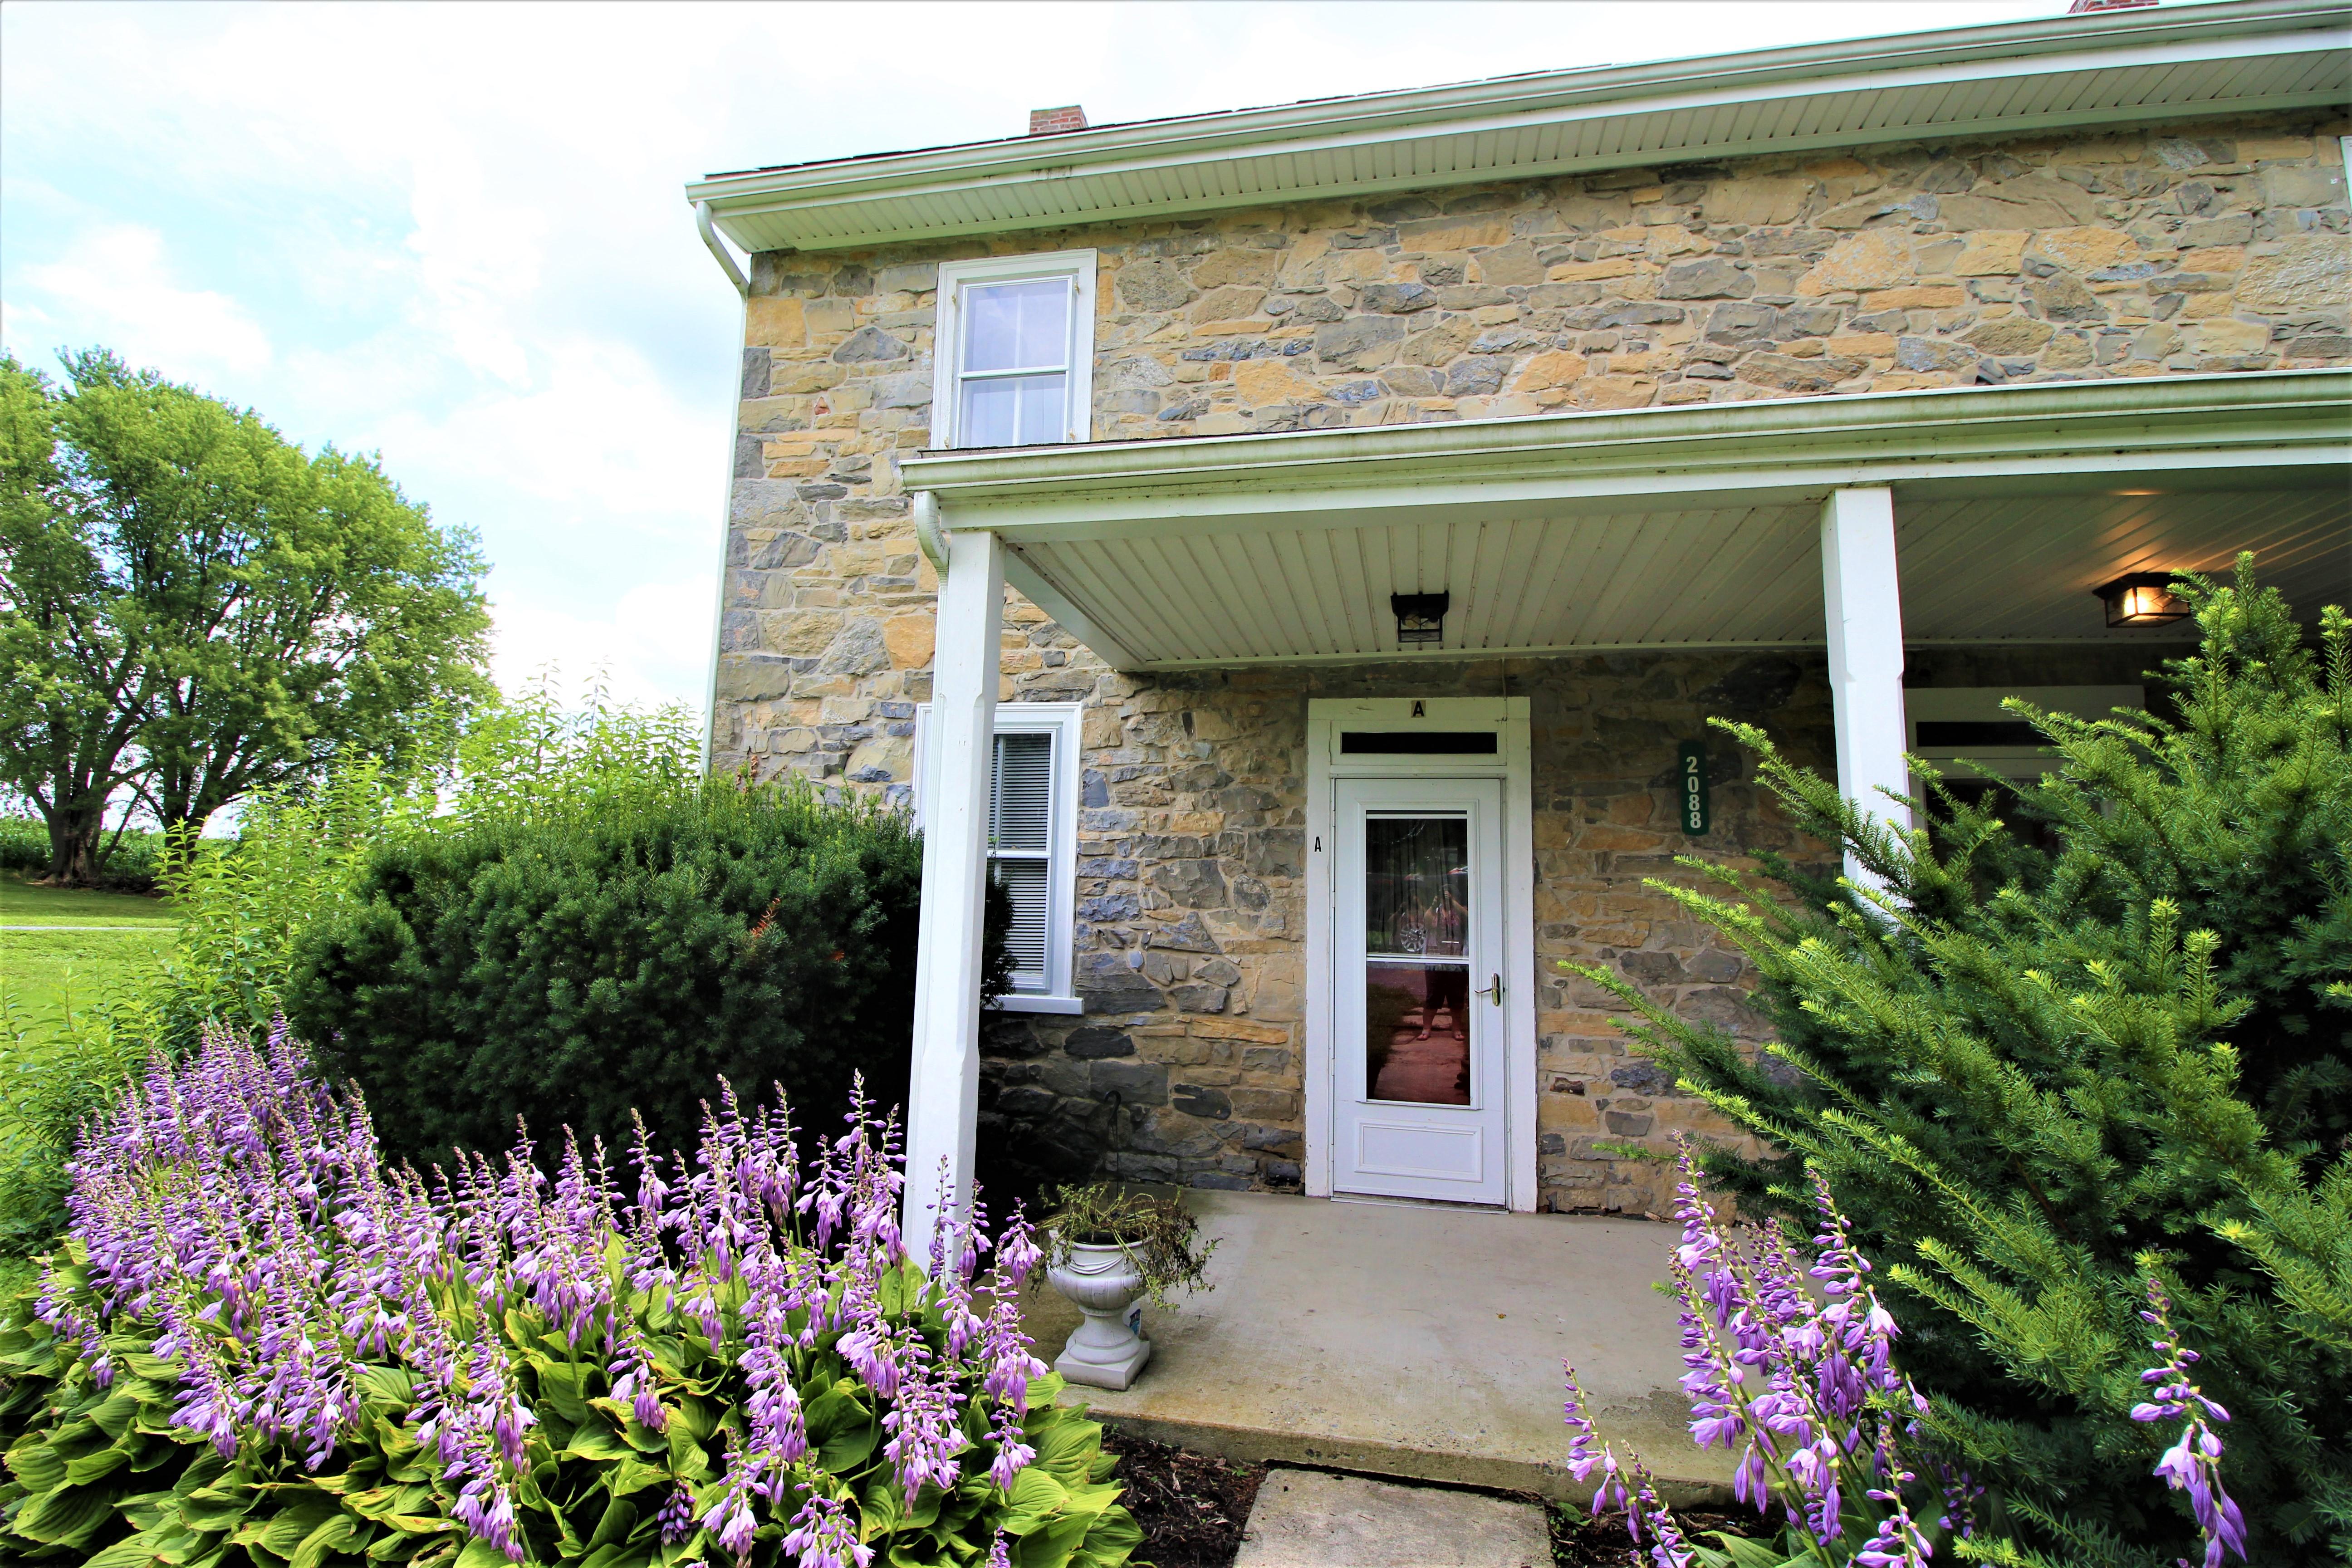 2088-A Creek Hill Road, Lancaster $895/Month--SEMI-DETACHED FARMHOUSE